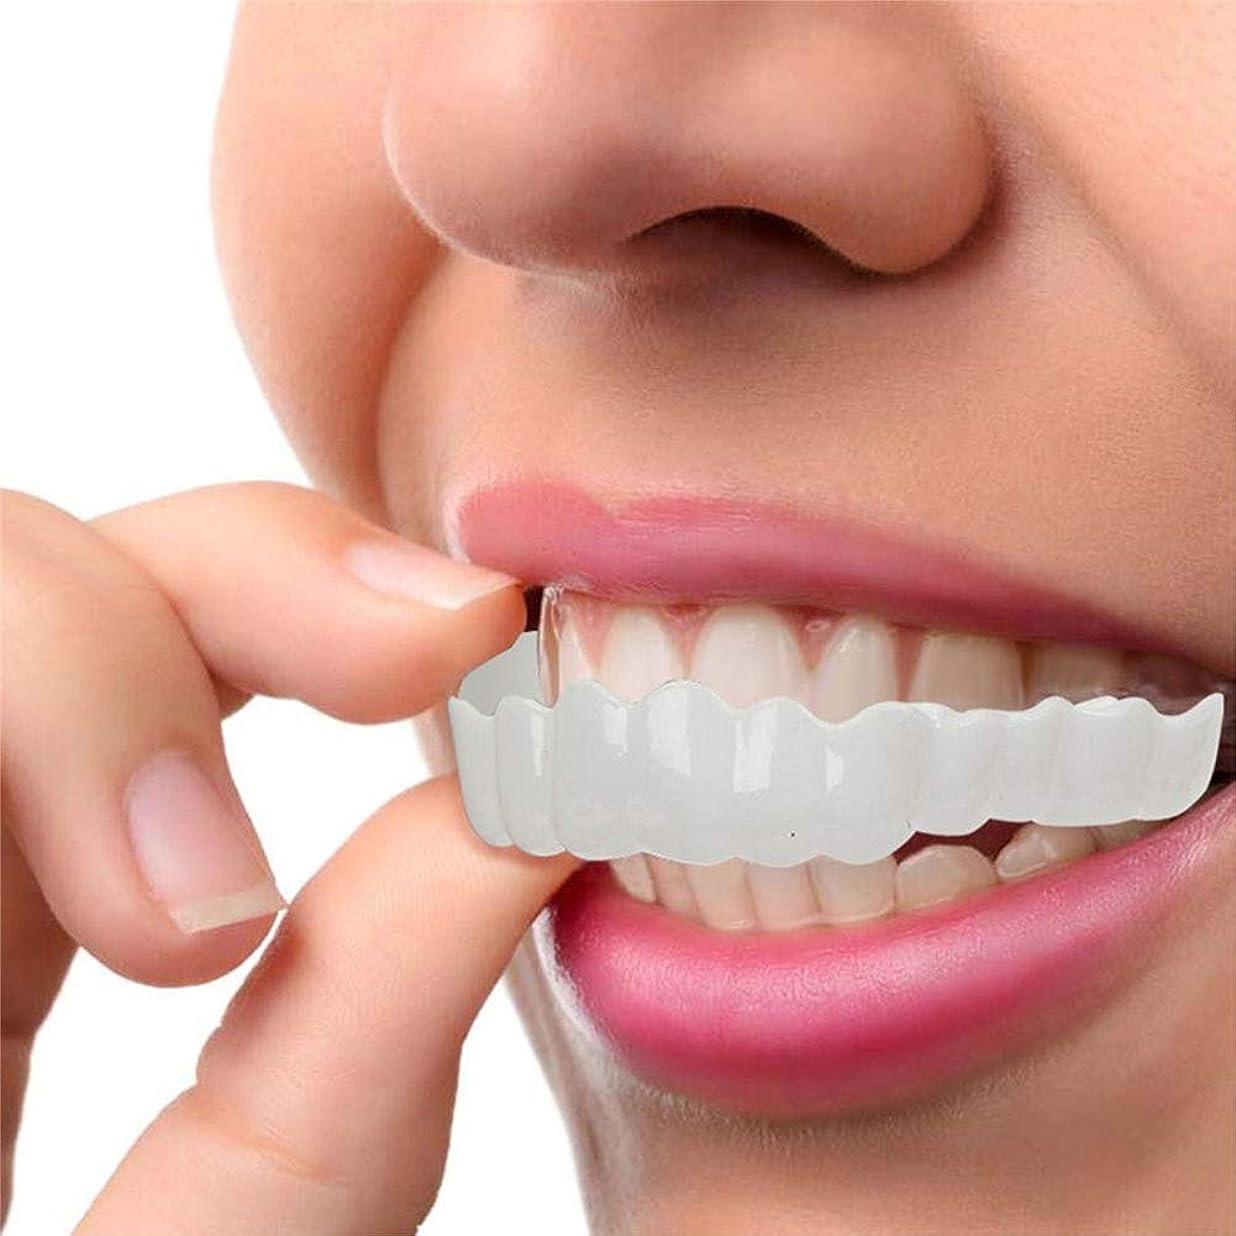 母性熟練したメキシコ化粧品の歯、白い歯をきれいにするコンフォートフィットフレックス歯ソケット、超快適、快適なフィット感、3セット